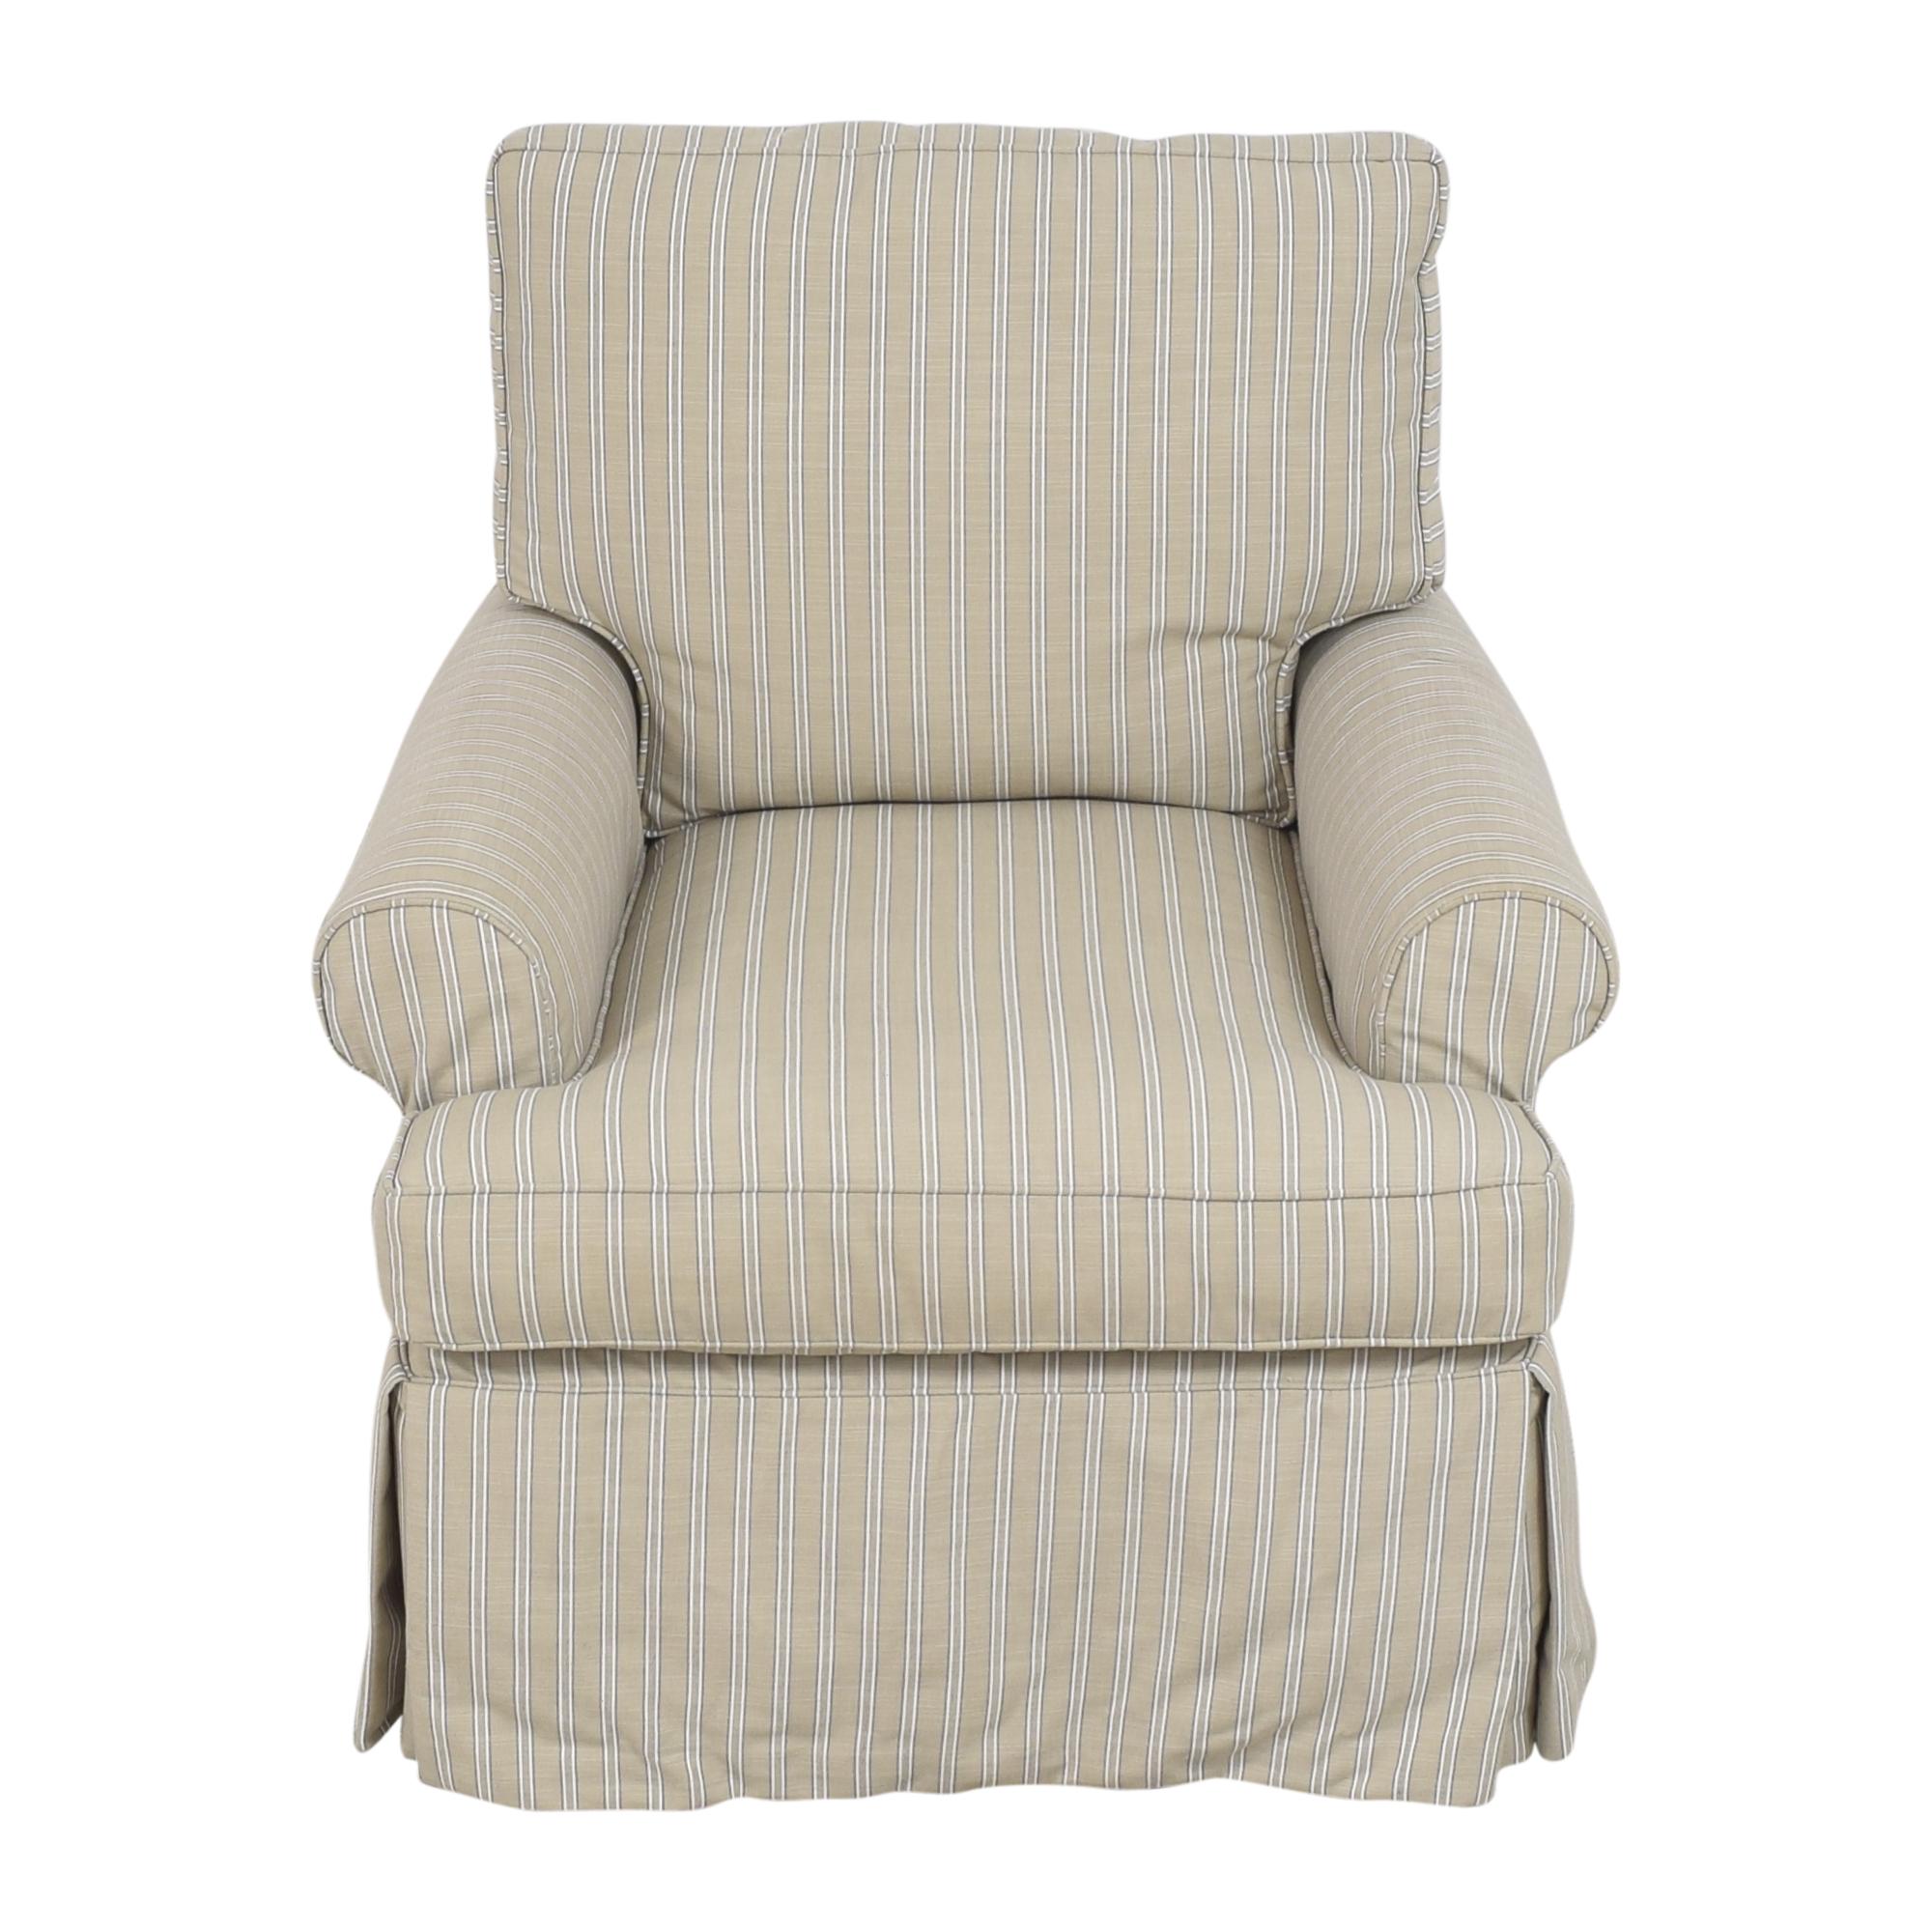 shop Restoration Hardware Skirted Glider  Restoration Hardware Accent Chairs